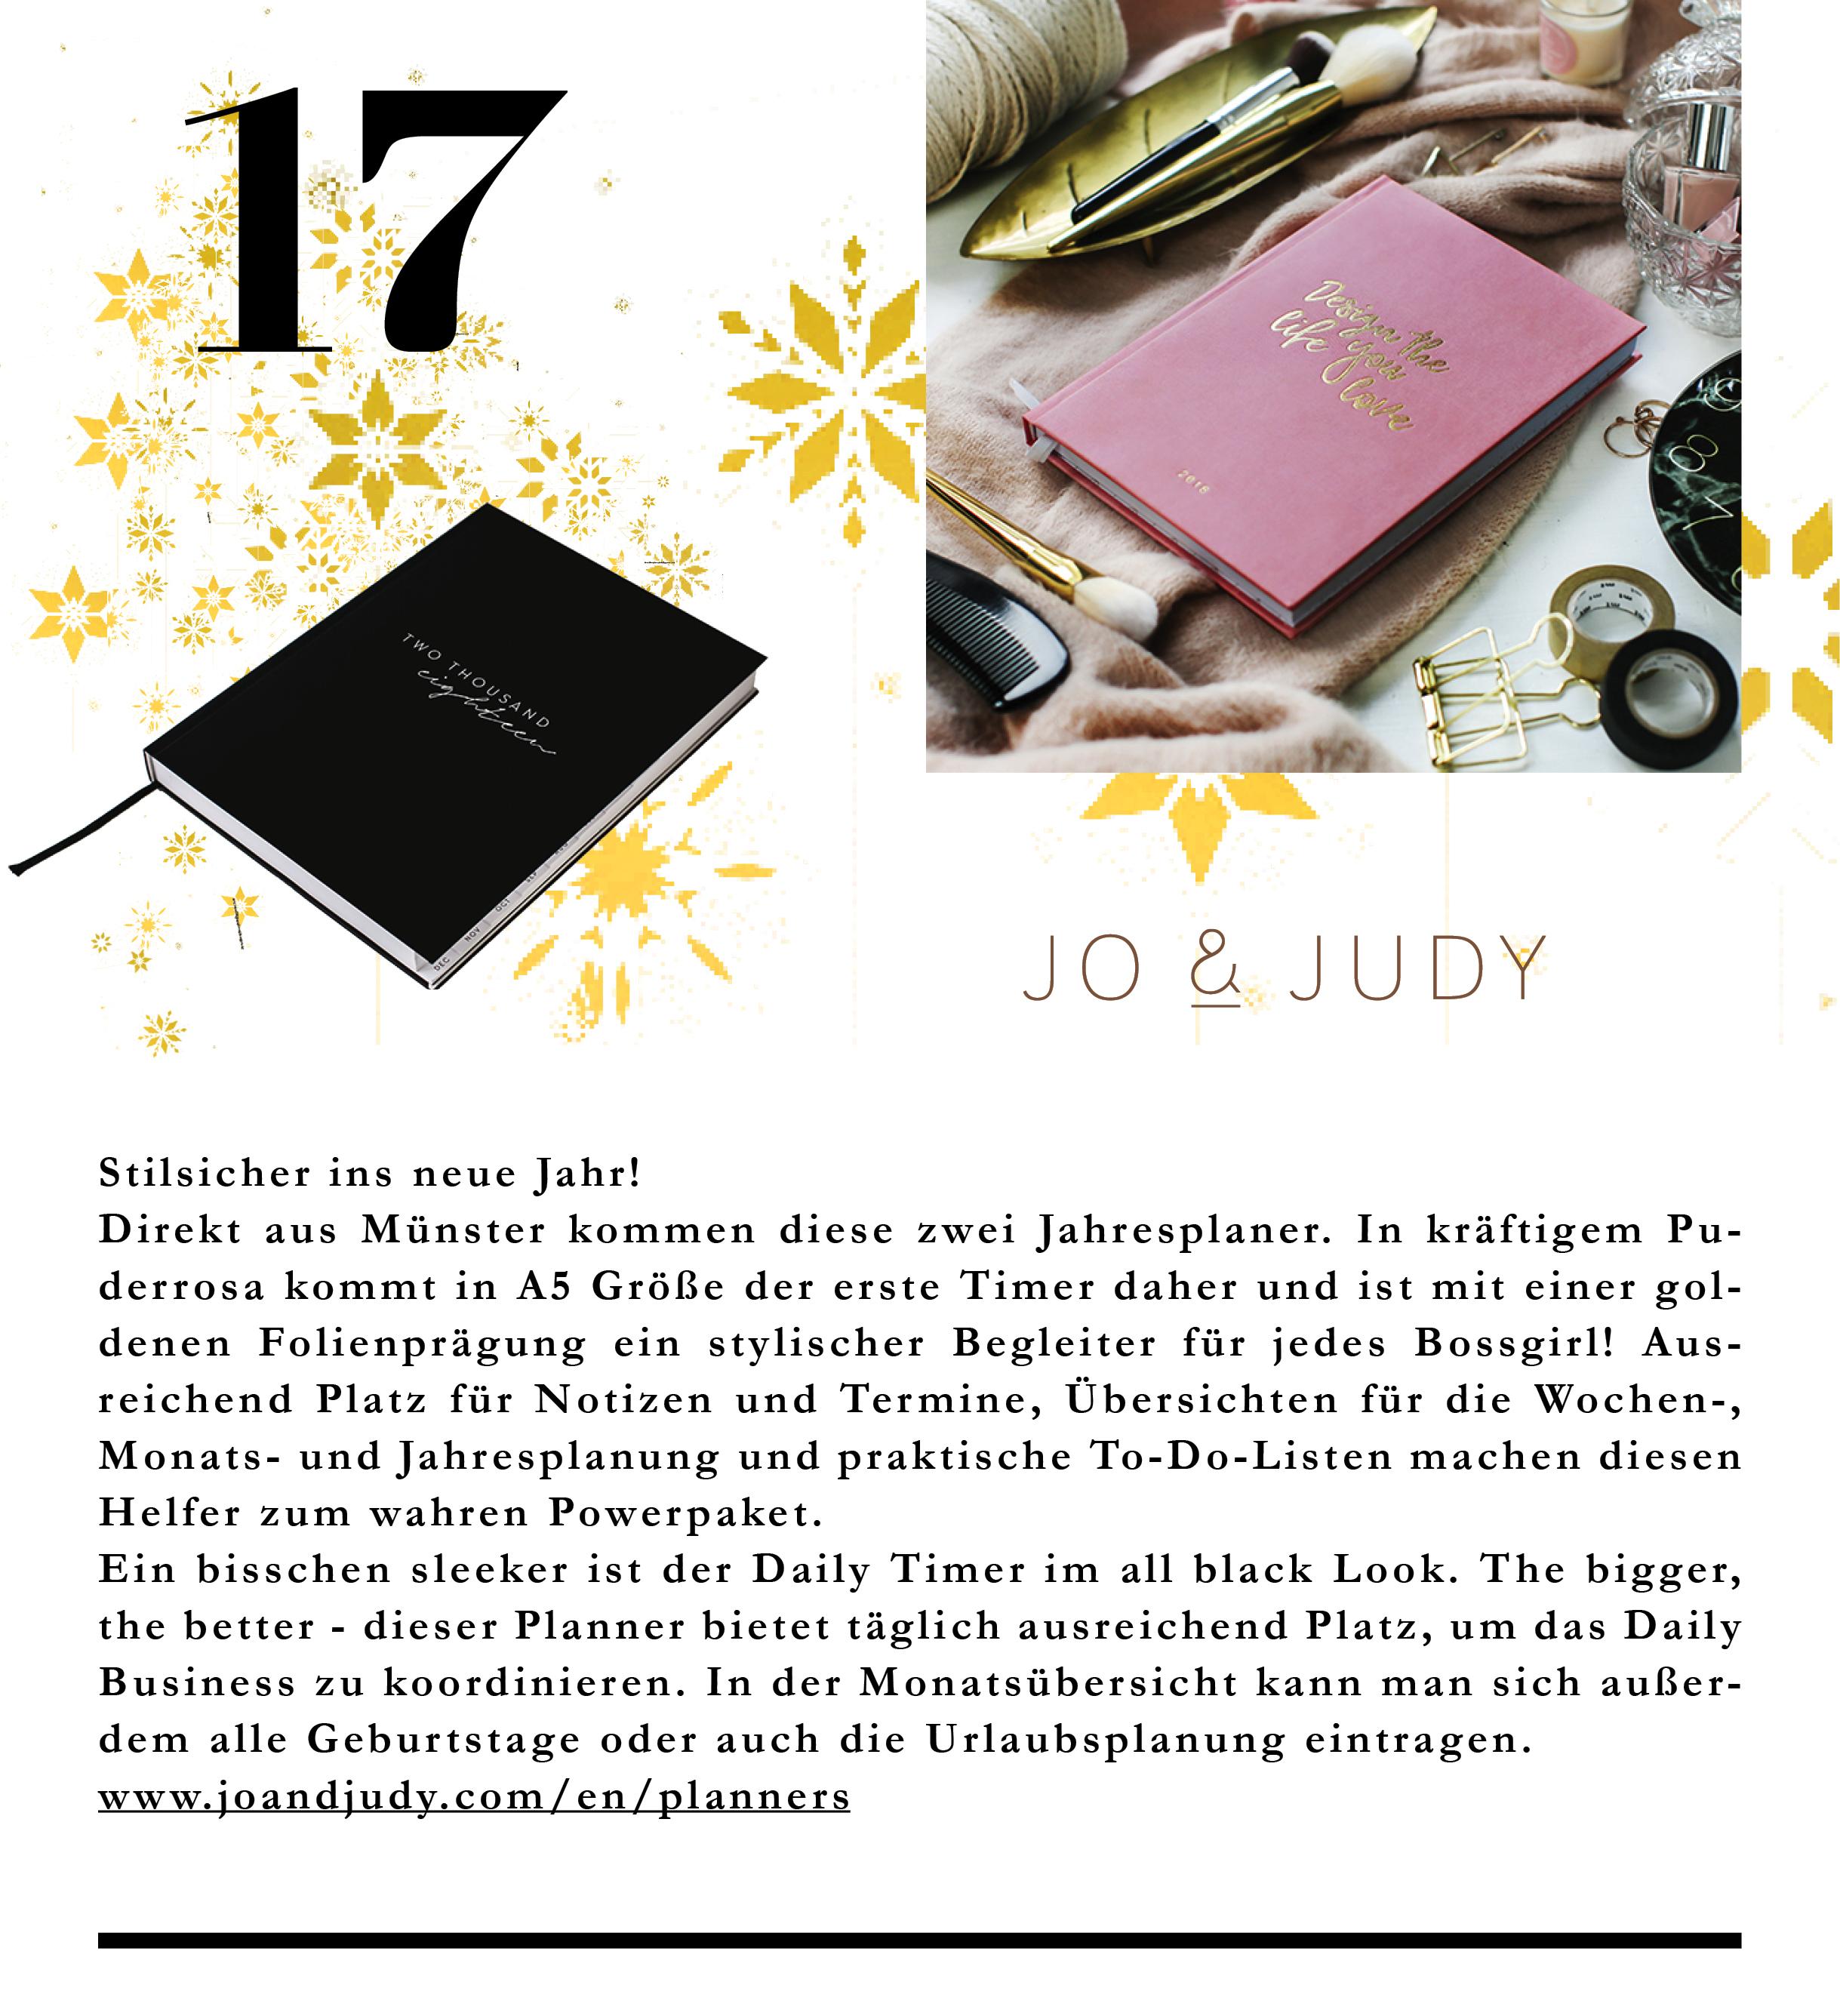 Sleekes Schwarz und Millenialpink sind die Farben für diese stylischen Jahresplaner von Jo & Judy.